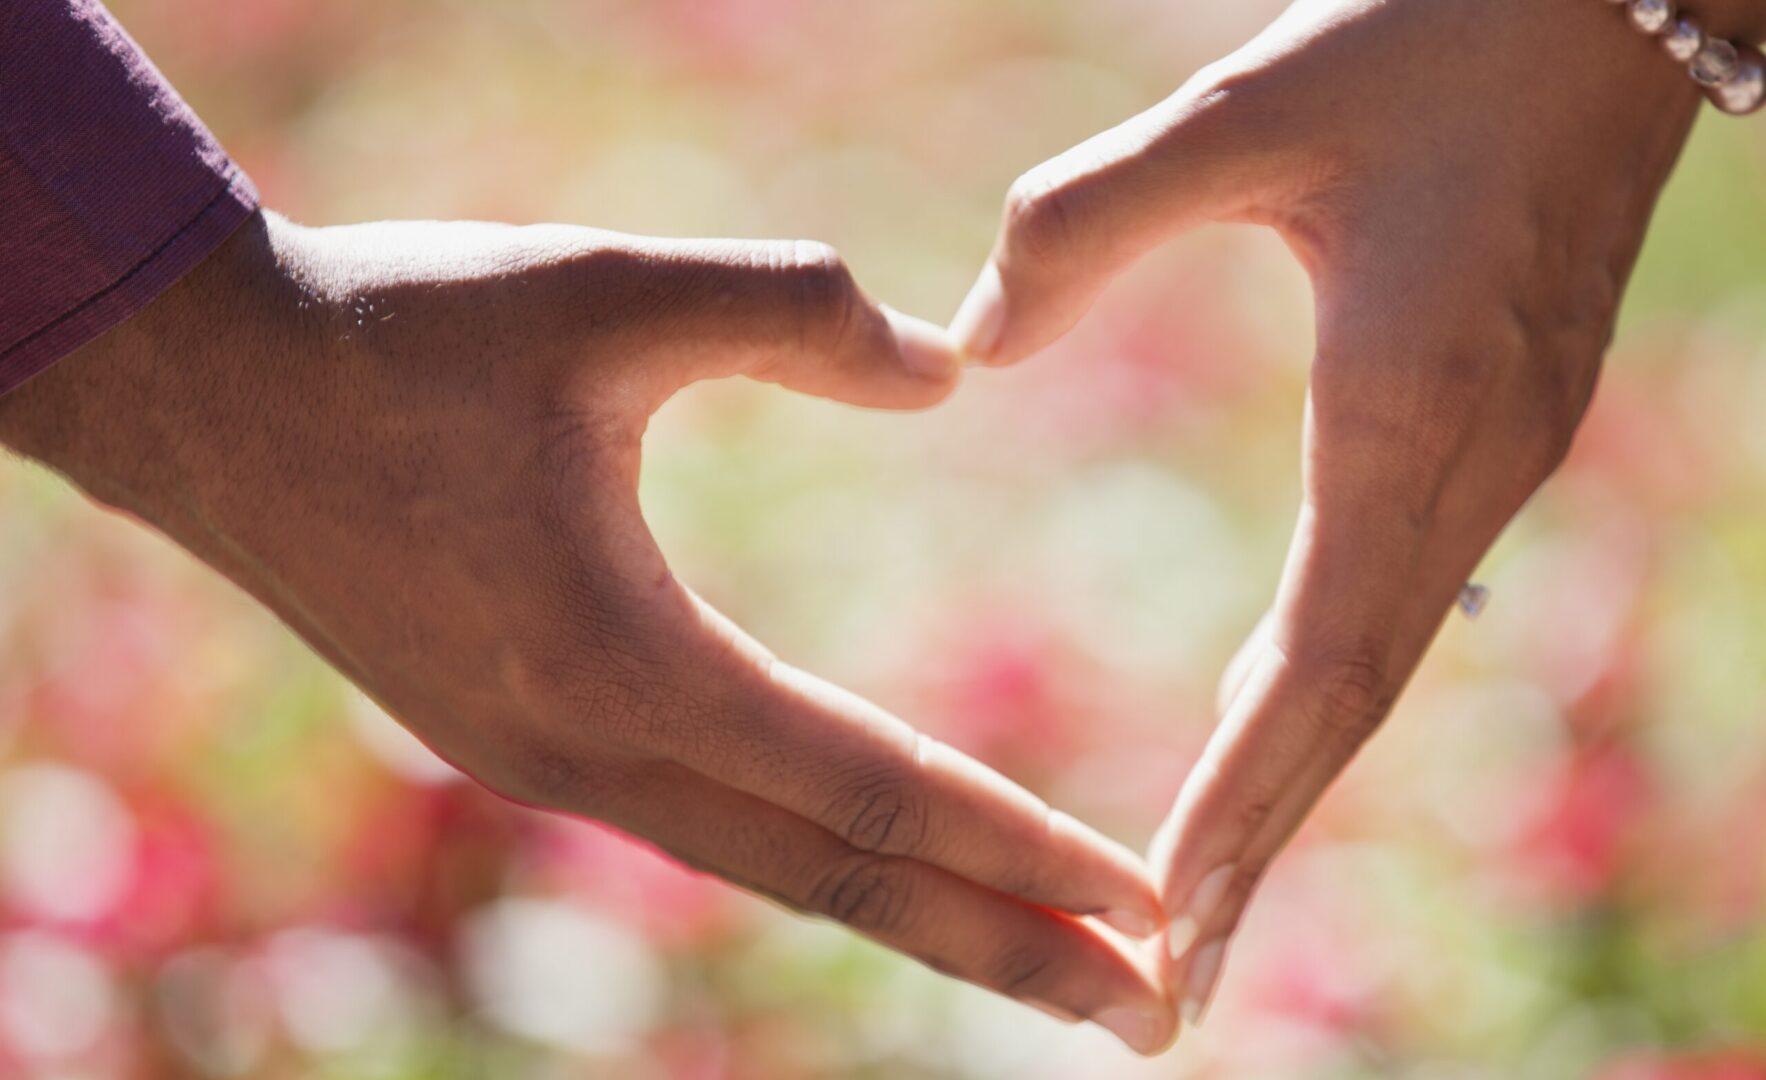 Έρωτες με διαφορά ηλικίας